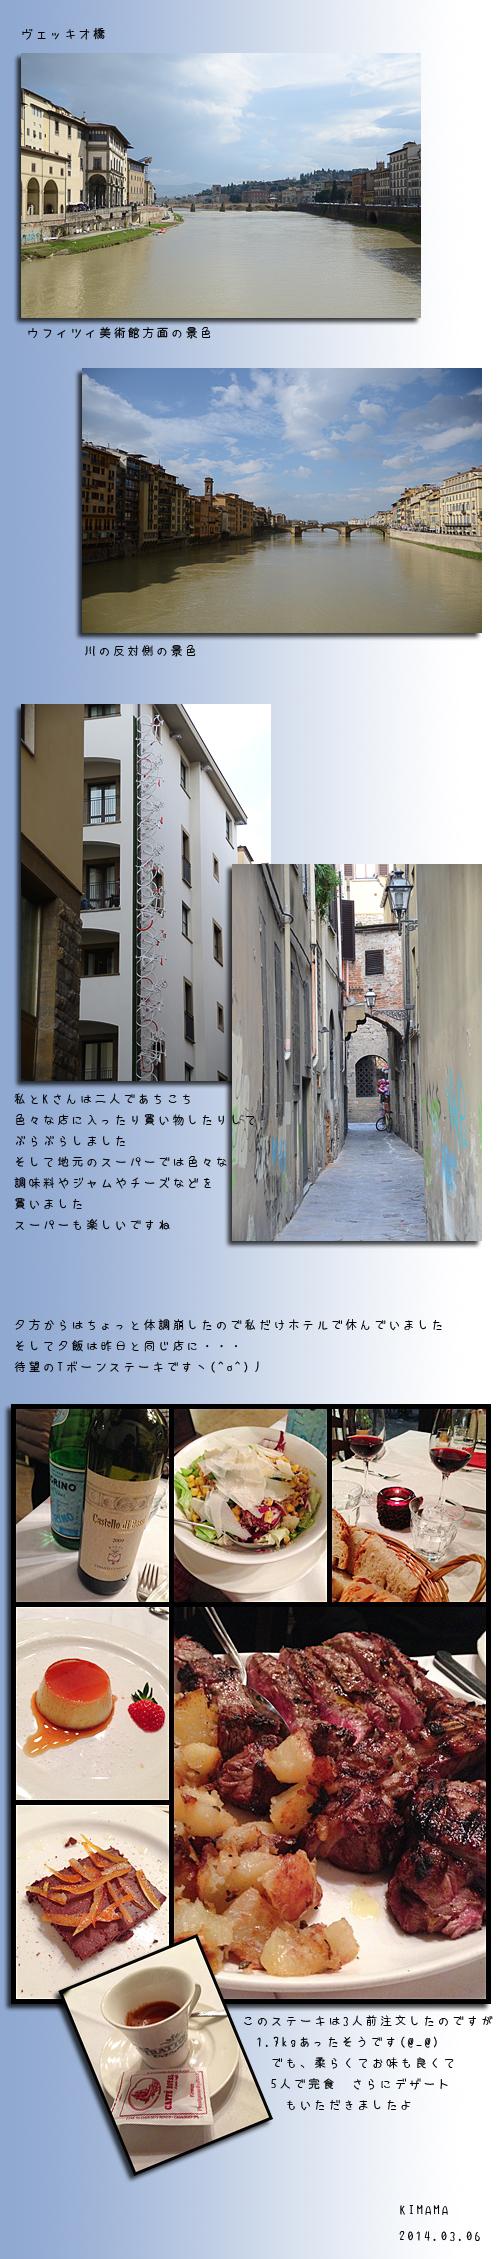 3月29日フィレンツェ2